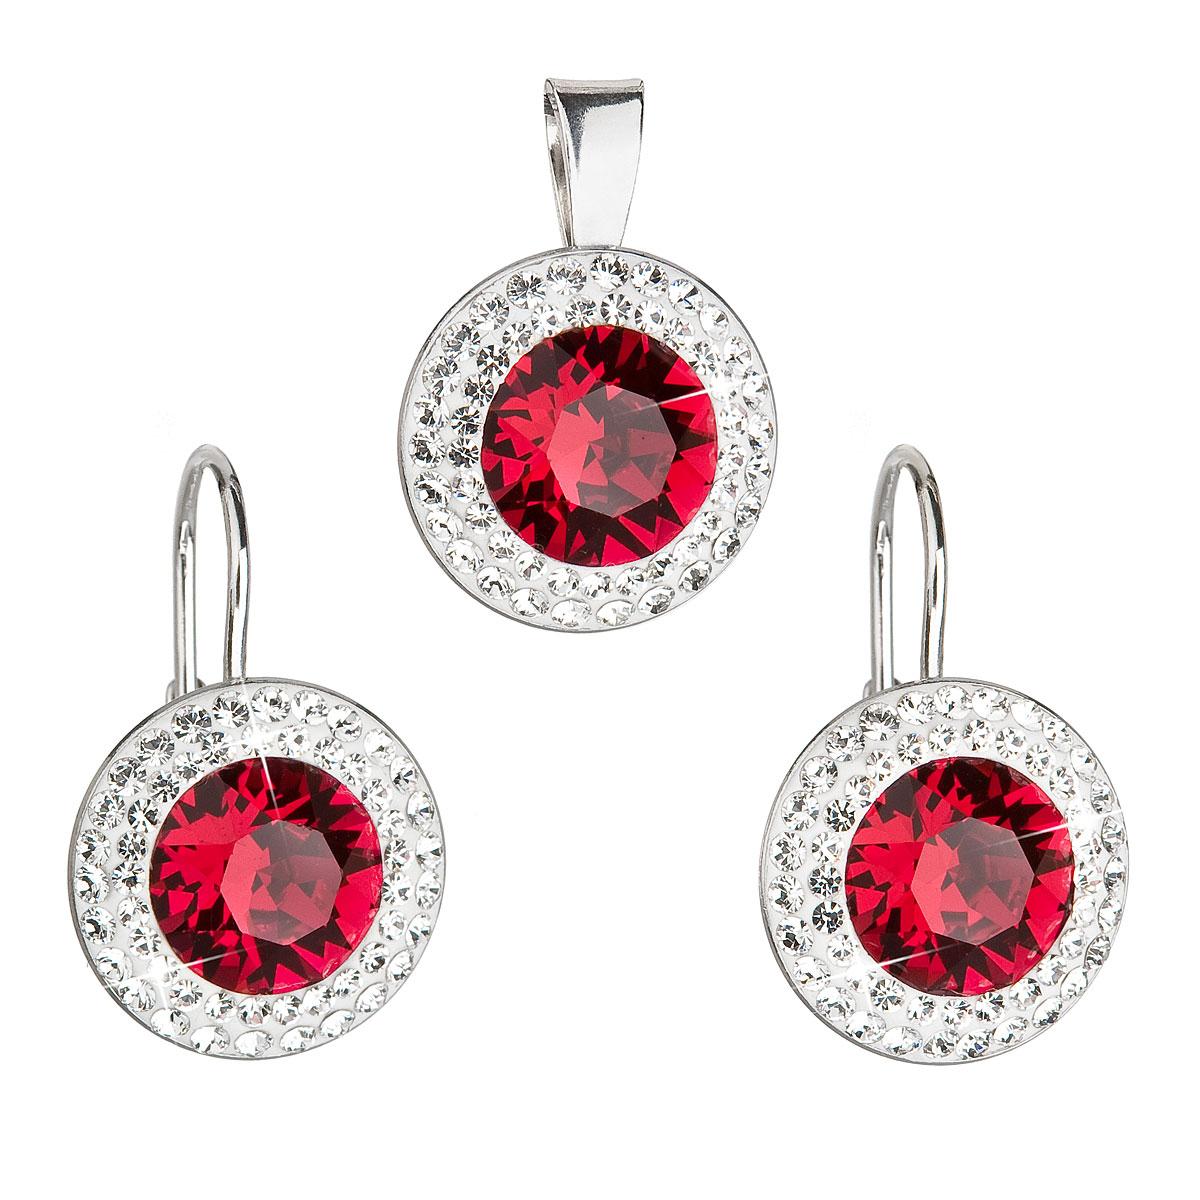 Sada šperkov s krištáľmi Swarovski náušnice a prívesok červené okrúhle 39107.3